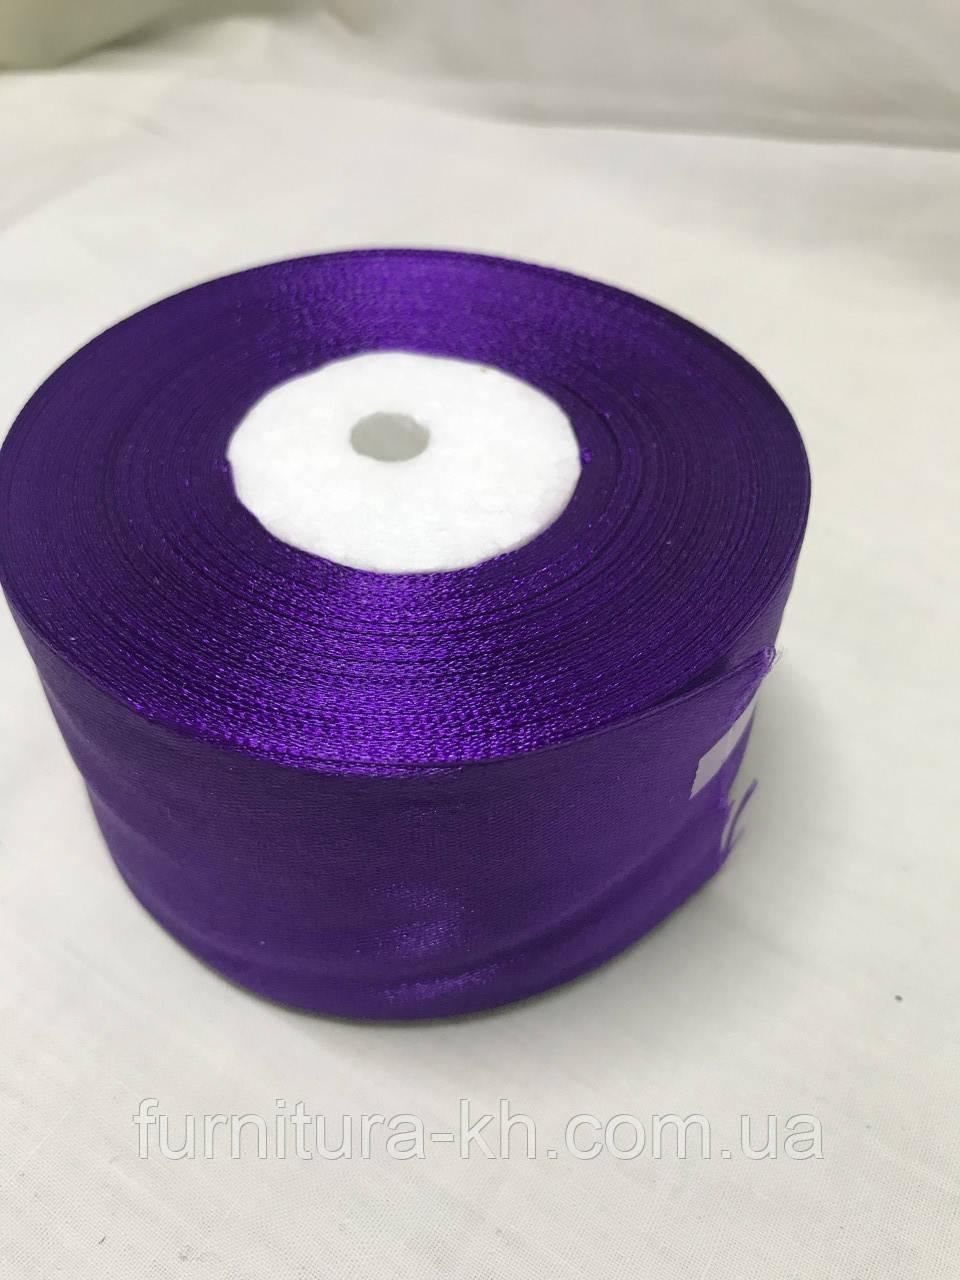 Лента атласная,ширина 5 см  (33 м )  цвет  Темный Фиолет